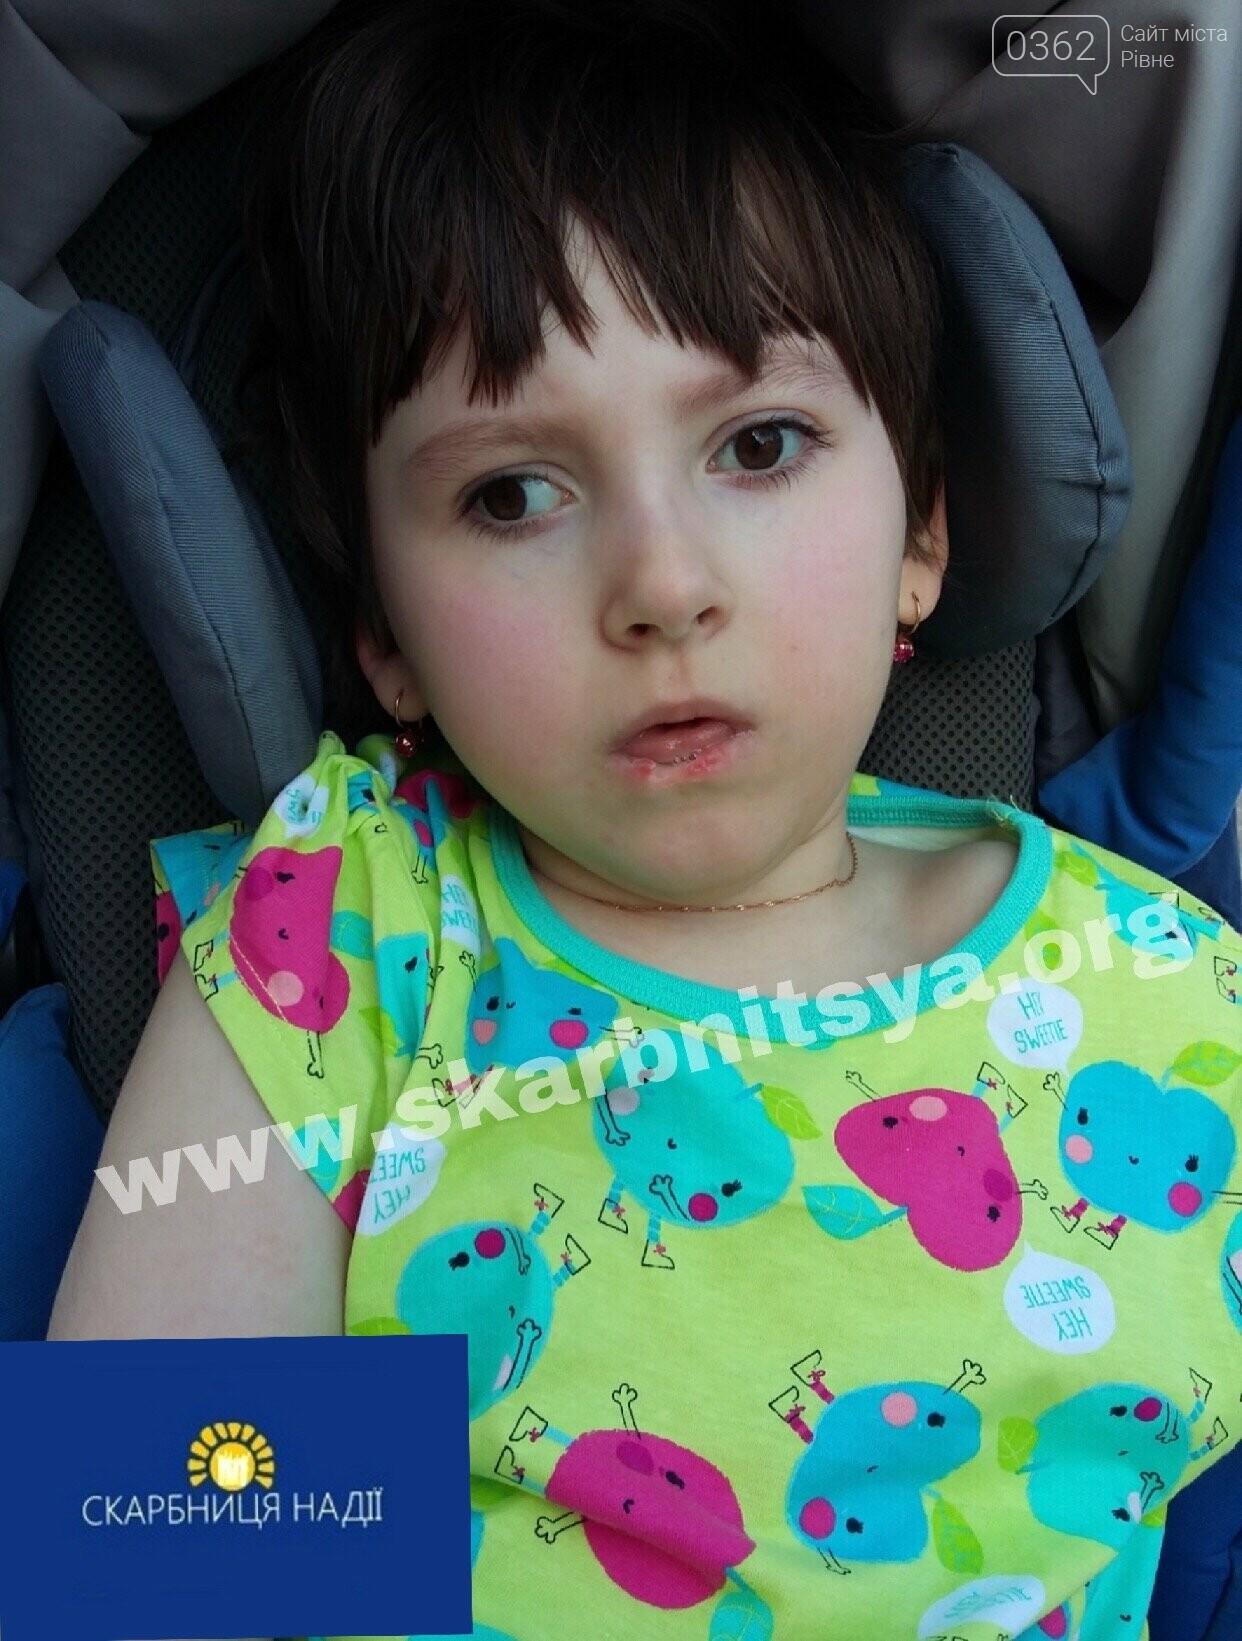 Маленька дівчинка з Рівненщини потребує допомоги у реабілітації! , фото-1